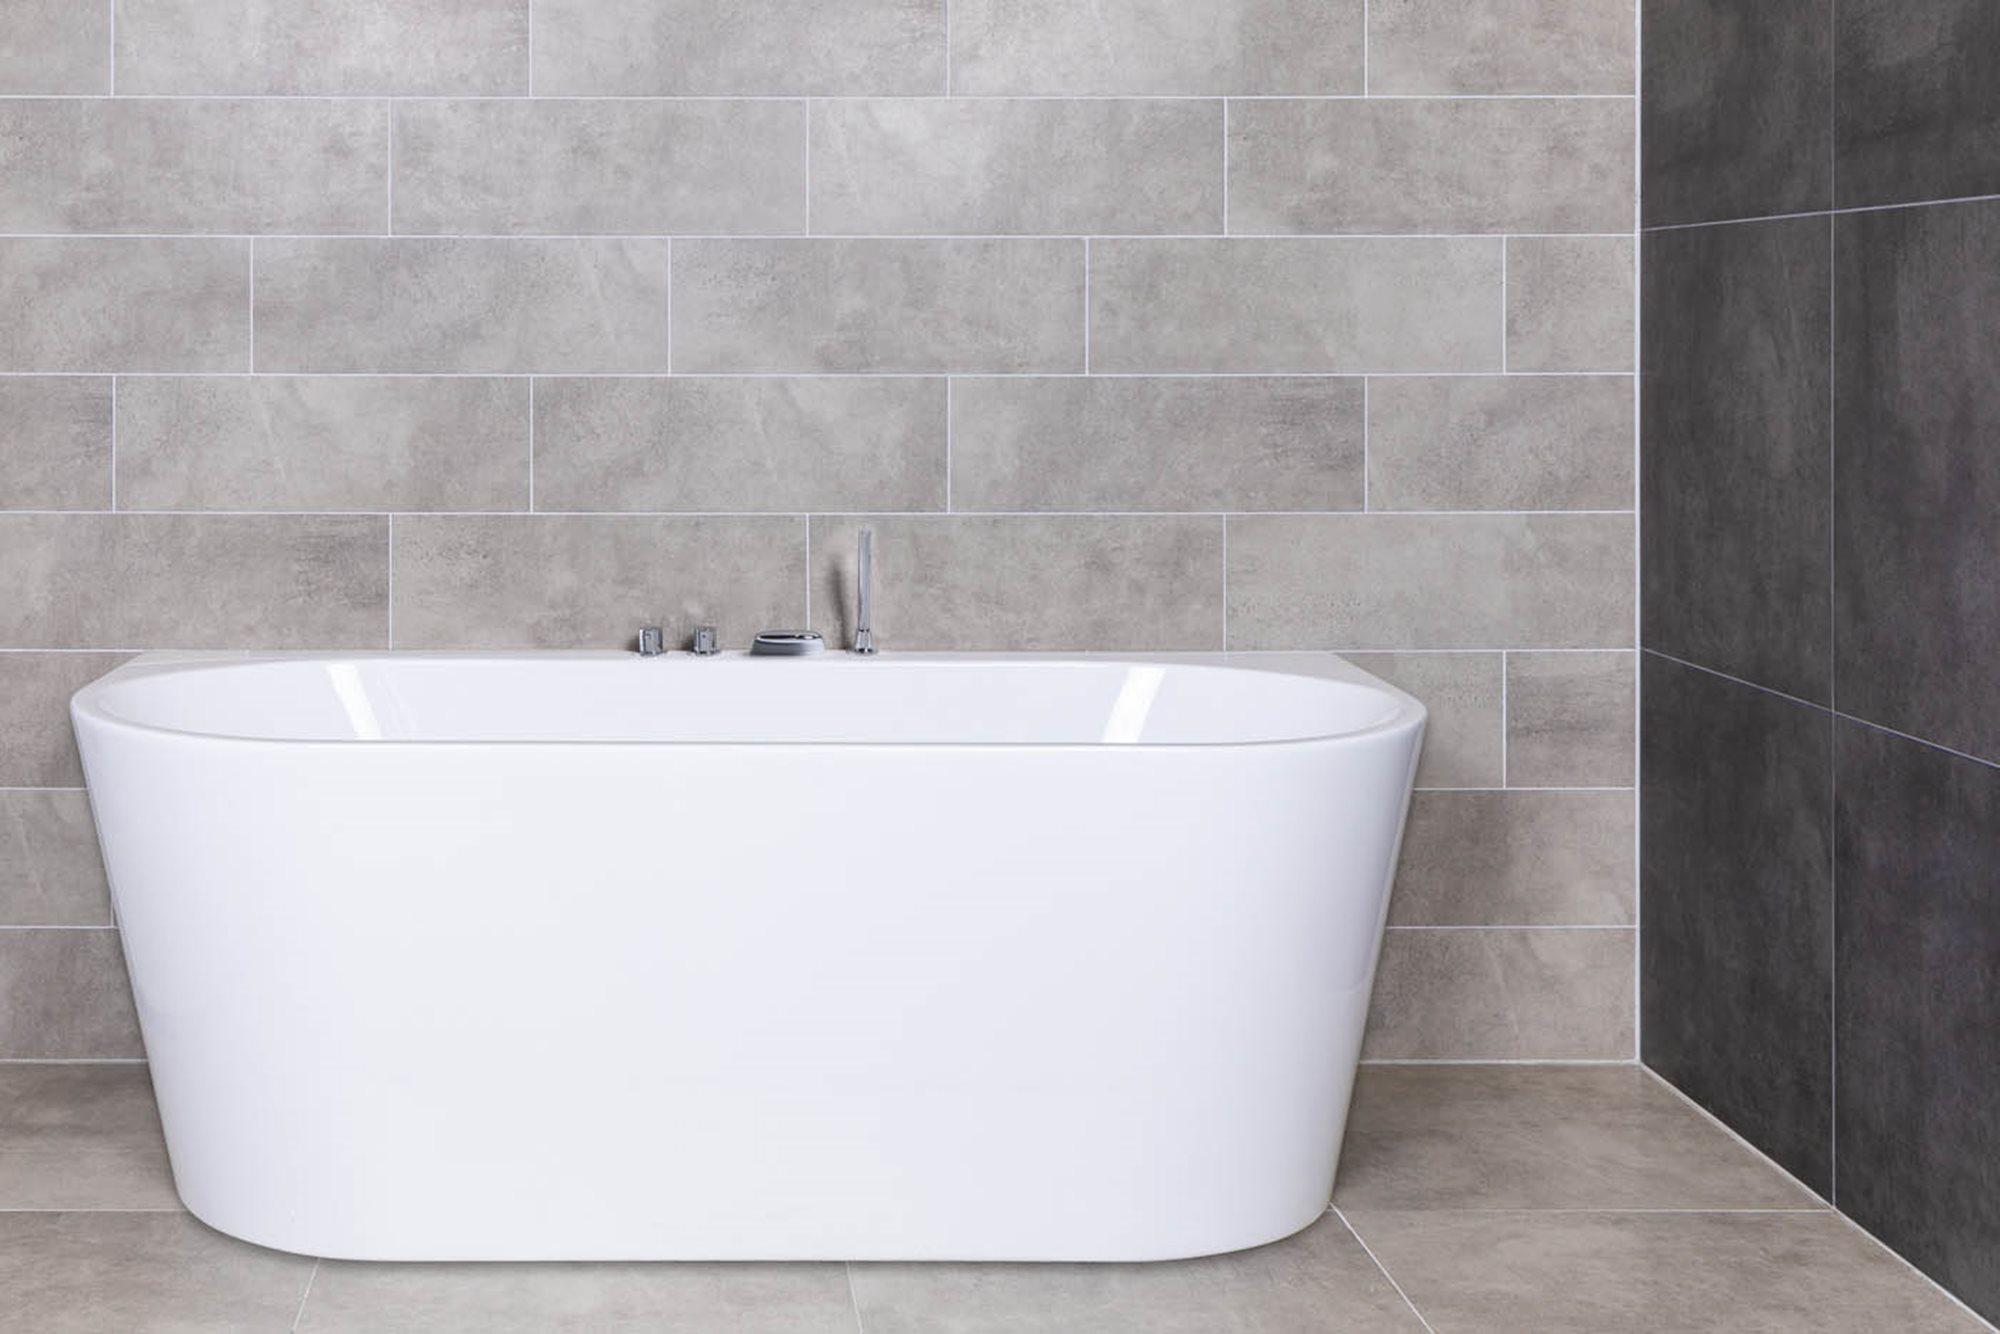 lengte-bad-halfvrijstaand-bad-betonlook-tegels.jpg